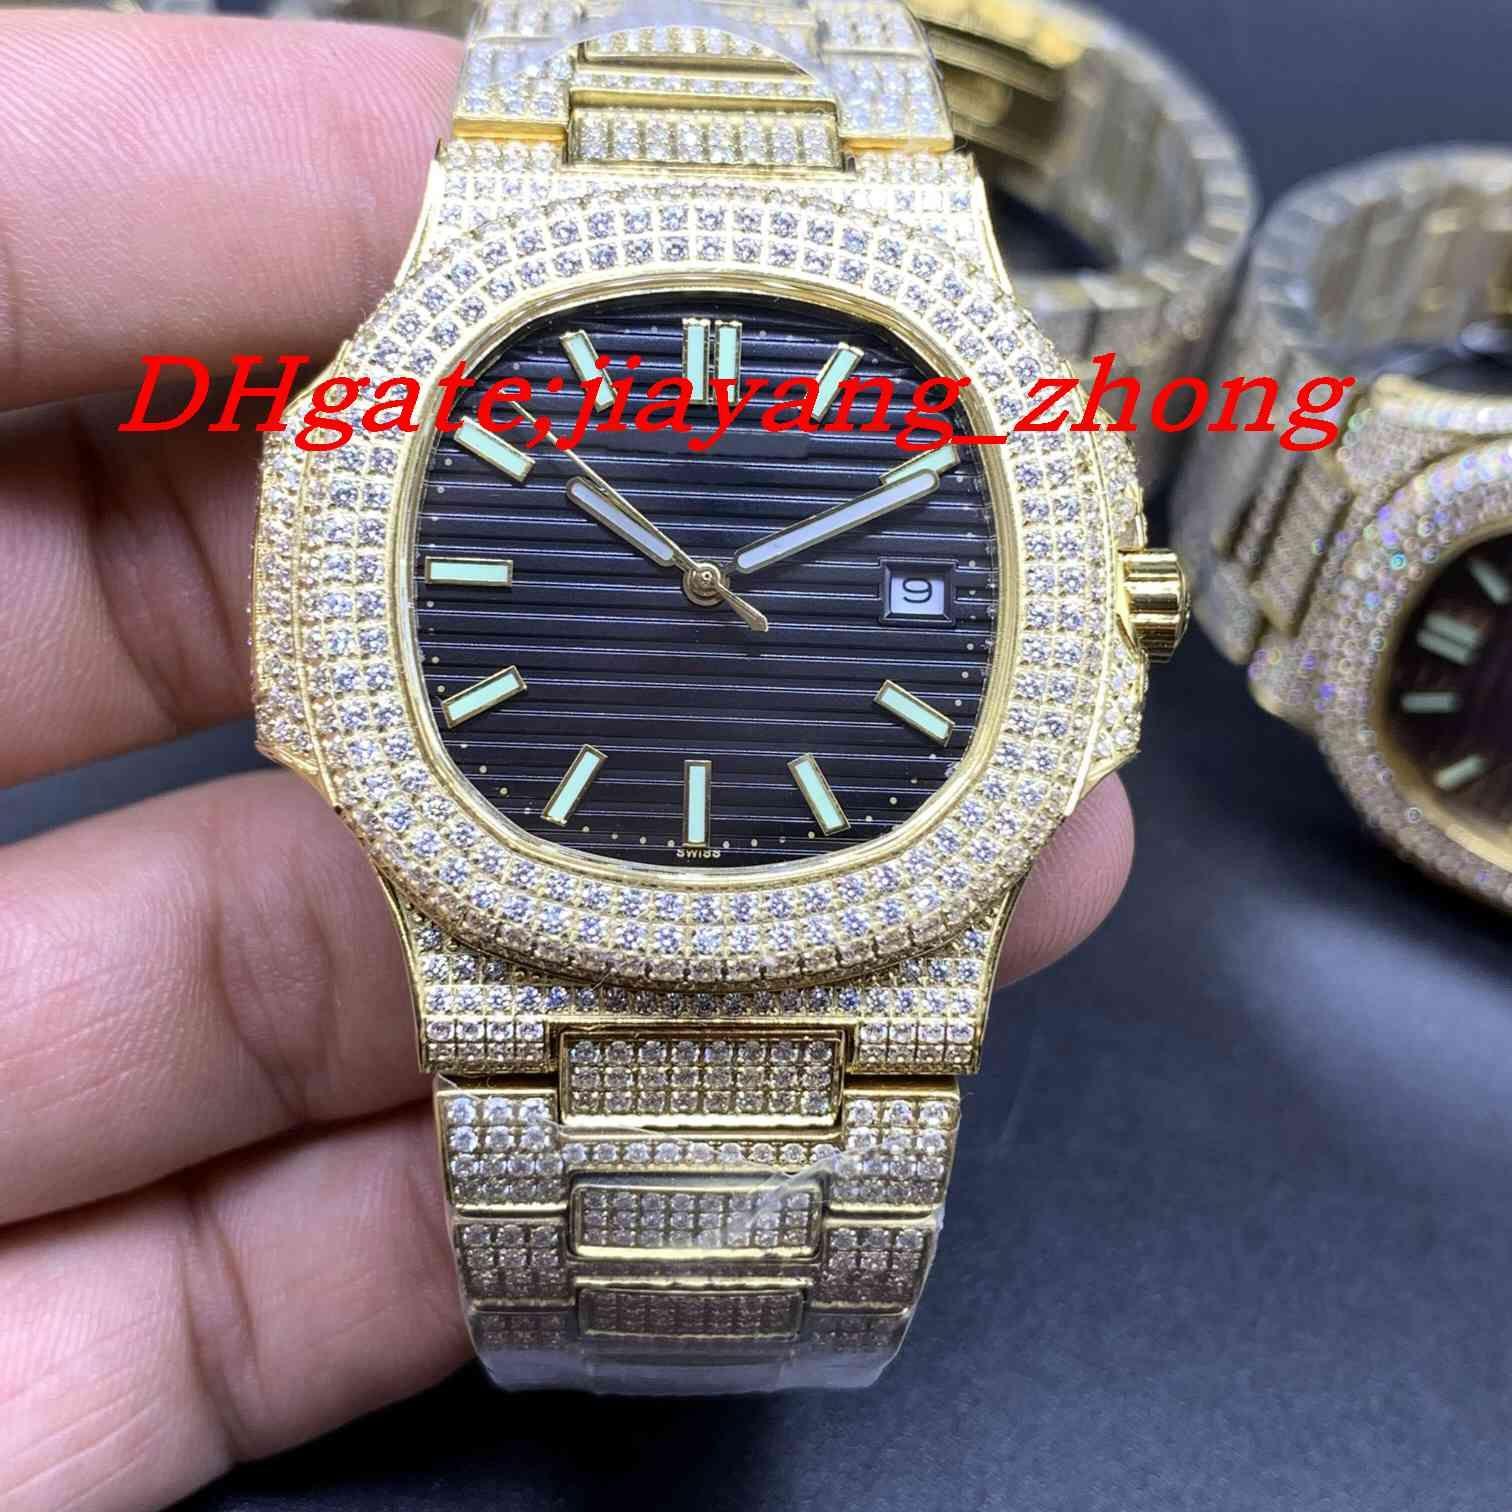 relógio todos gelo diamante dos homens elegantes com alta qualidade relógio mecânico automático precisão cronometragem moda relógio dos homens livres de Freig